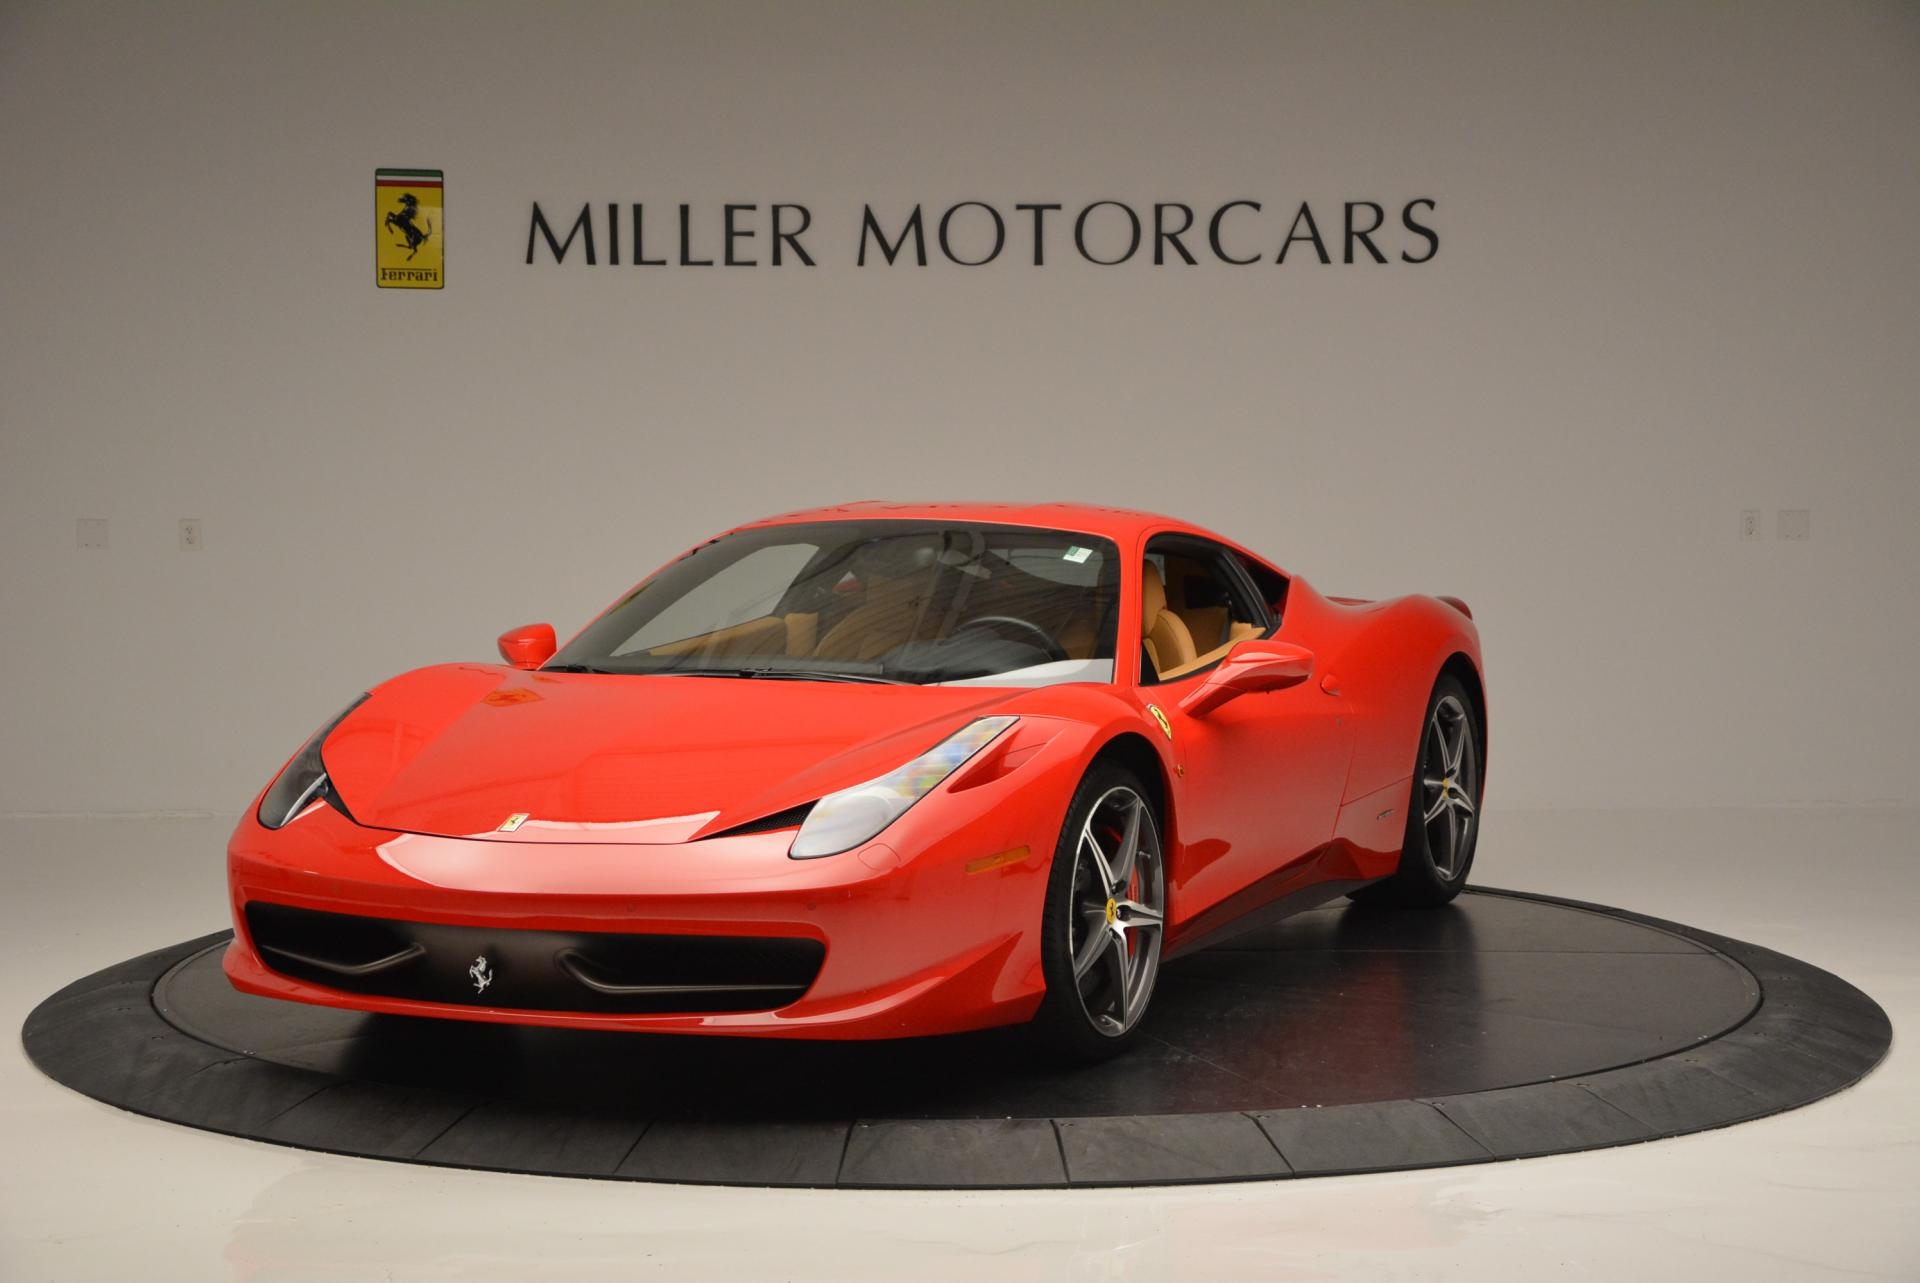 Used 2010 Ferrari 458 Italia for sale Sold at Bugatti of Greenwich in Greenwich CT 06830 1